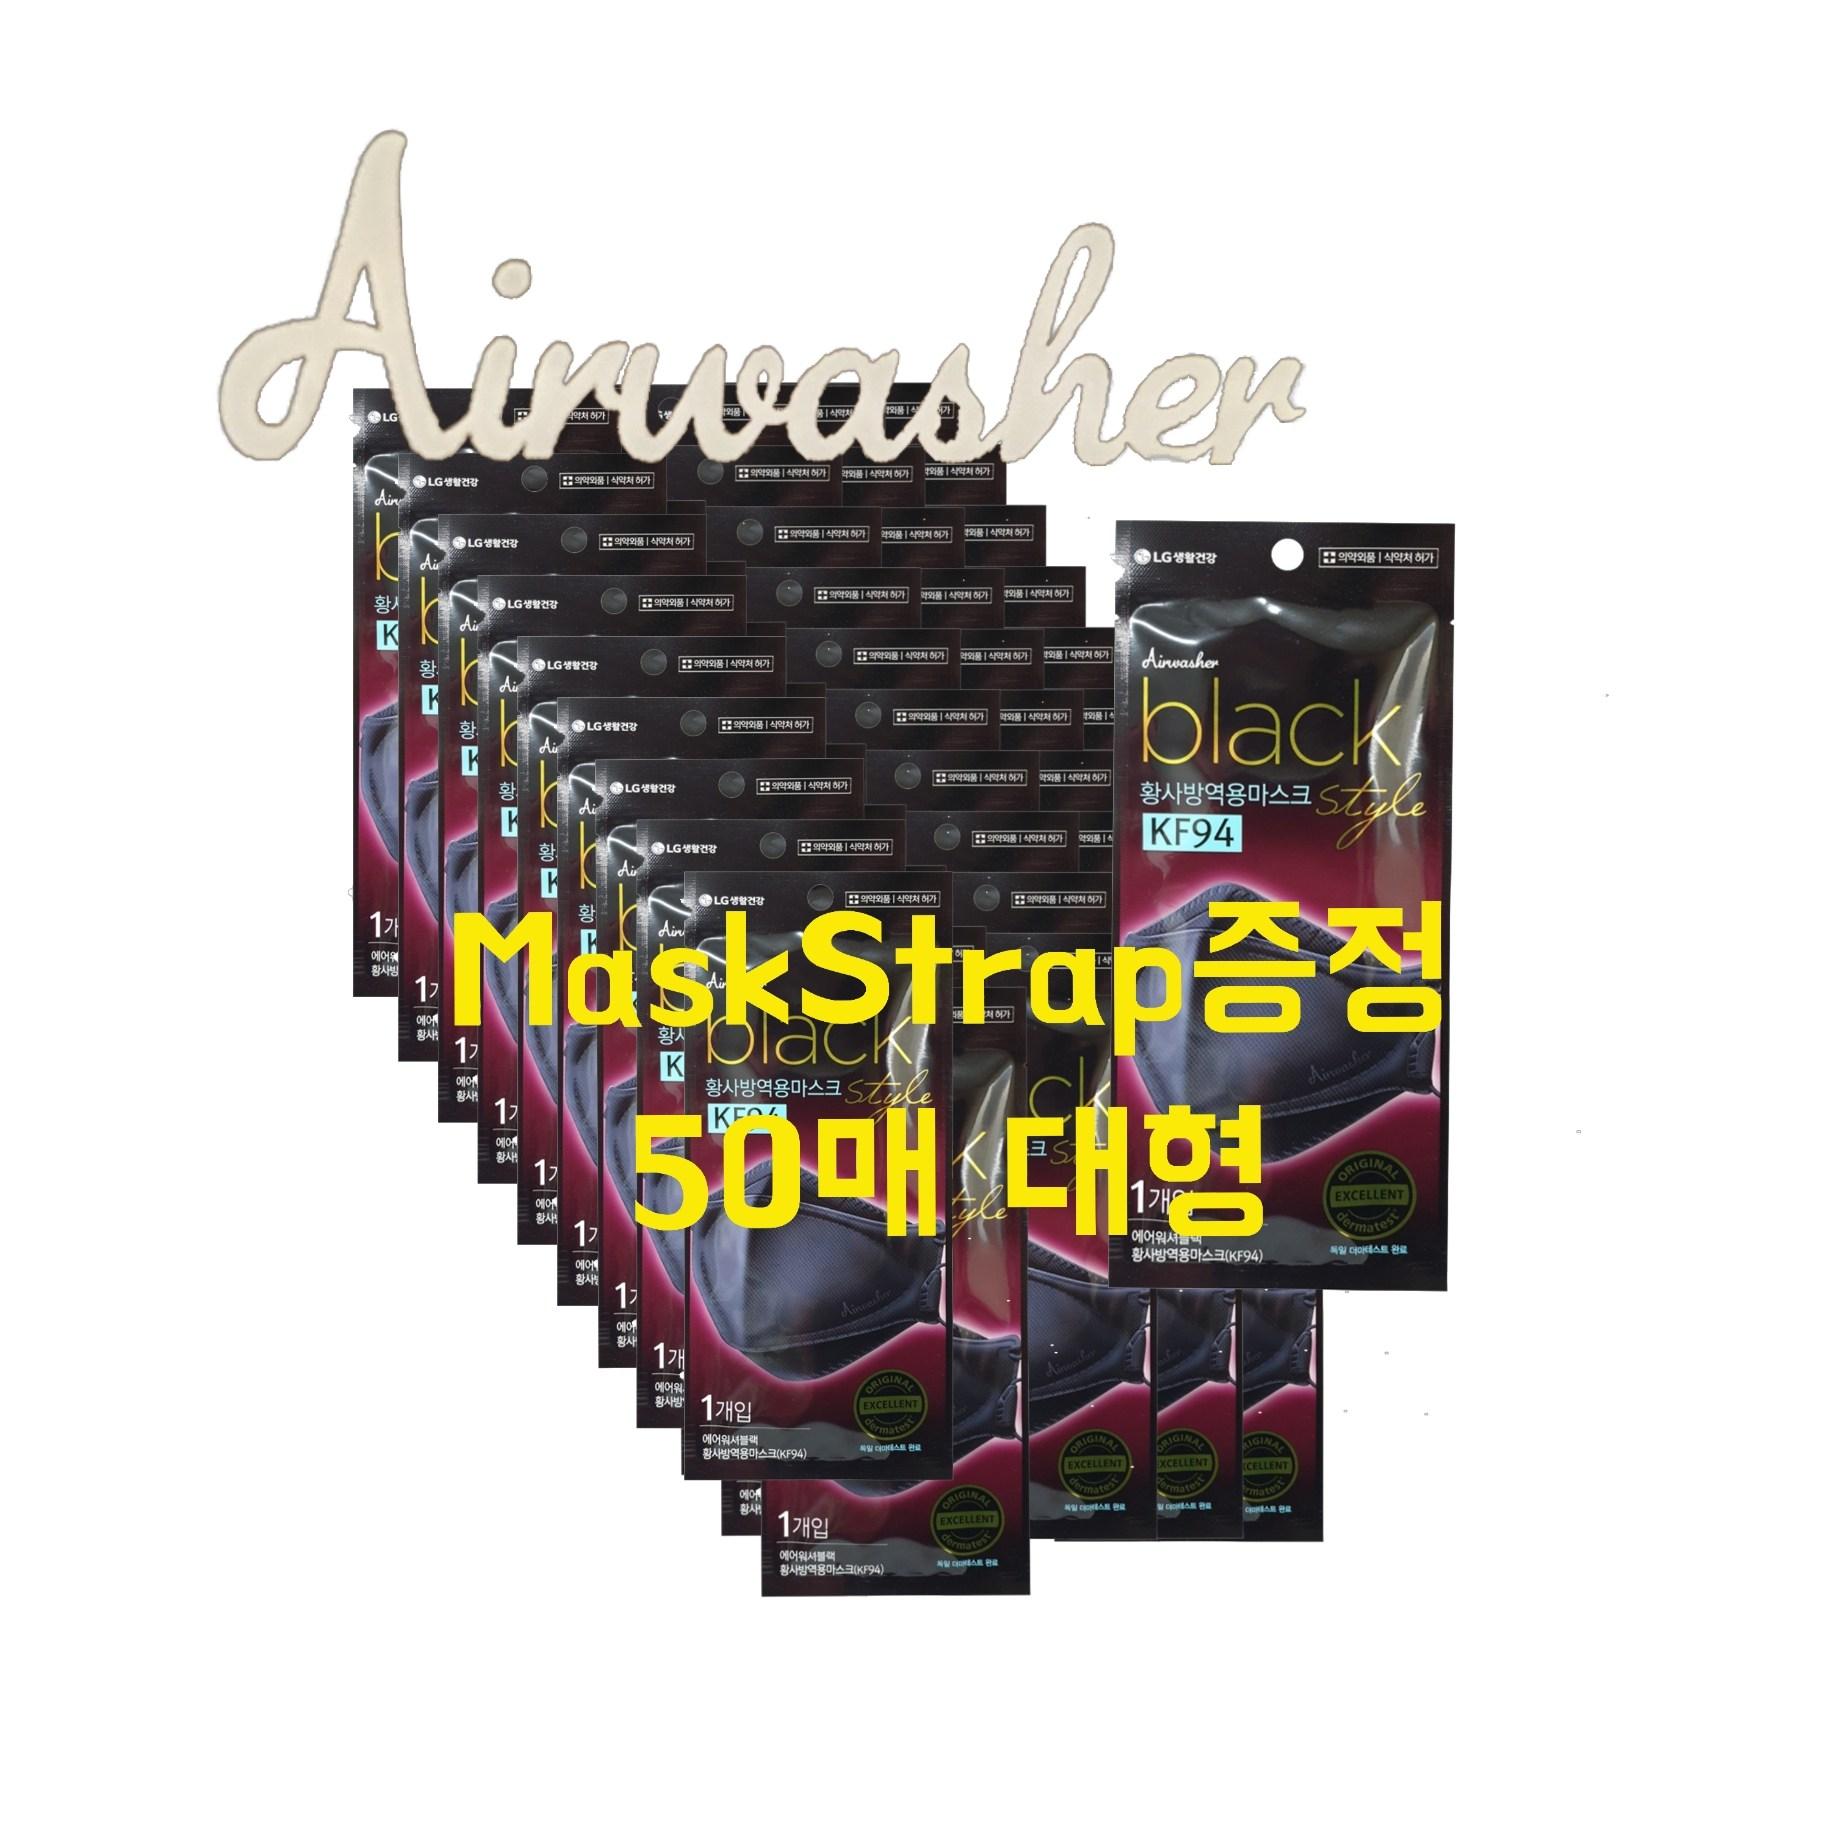 LG생활건강 에어워셔 마스크 블랙 KF-94 50매 마스크스트랩1개증정, 50개, 1매